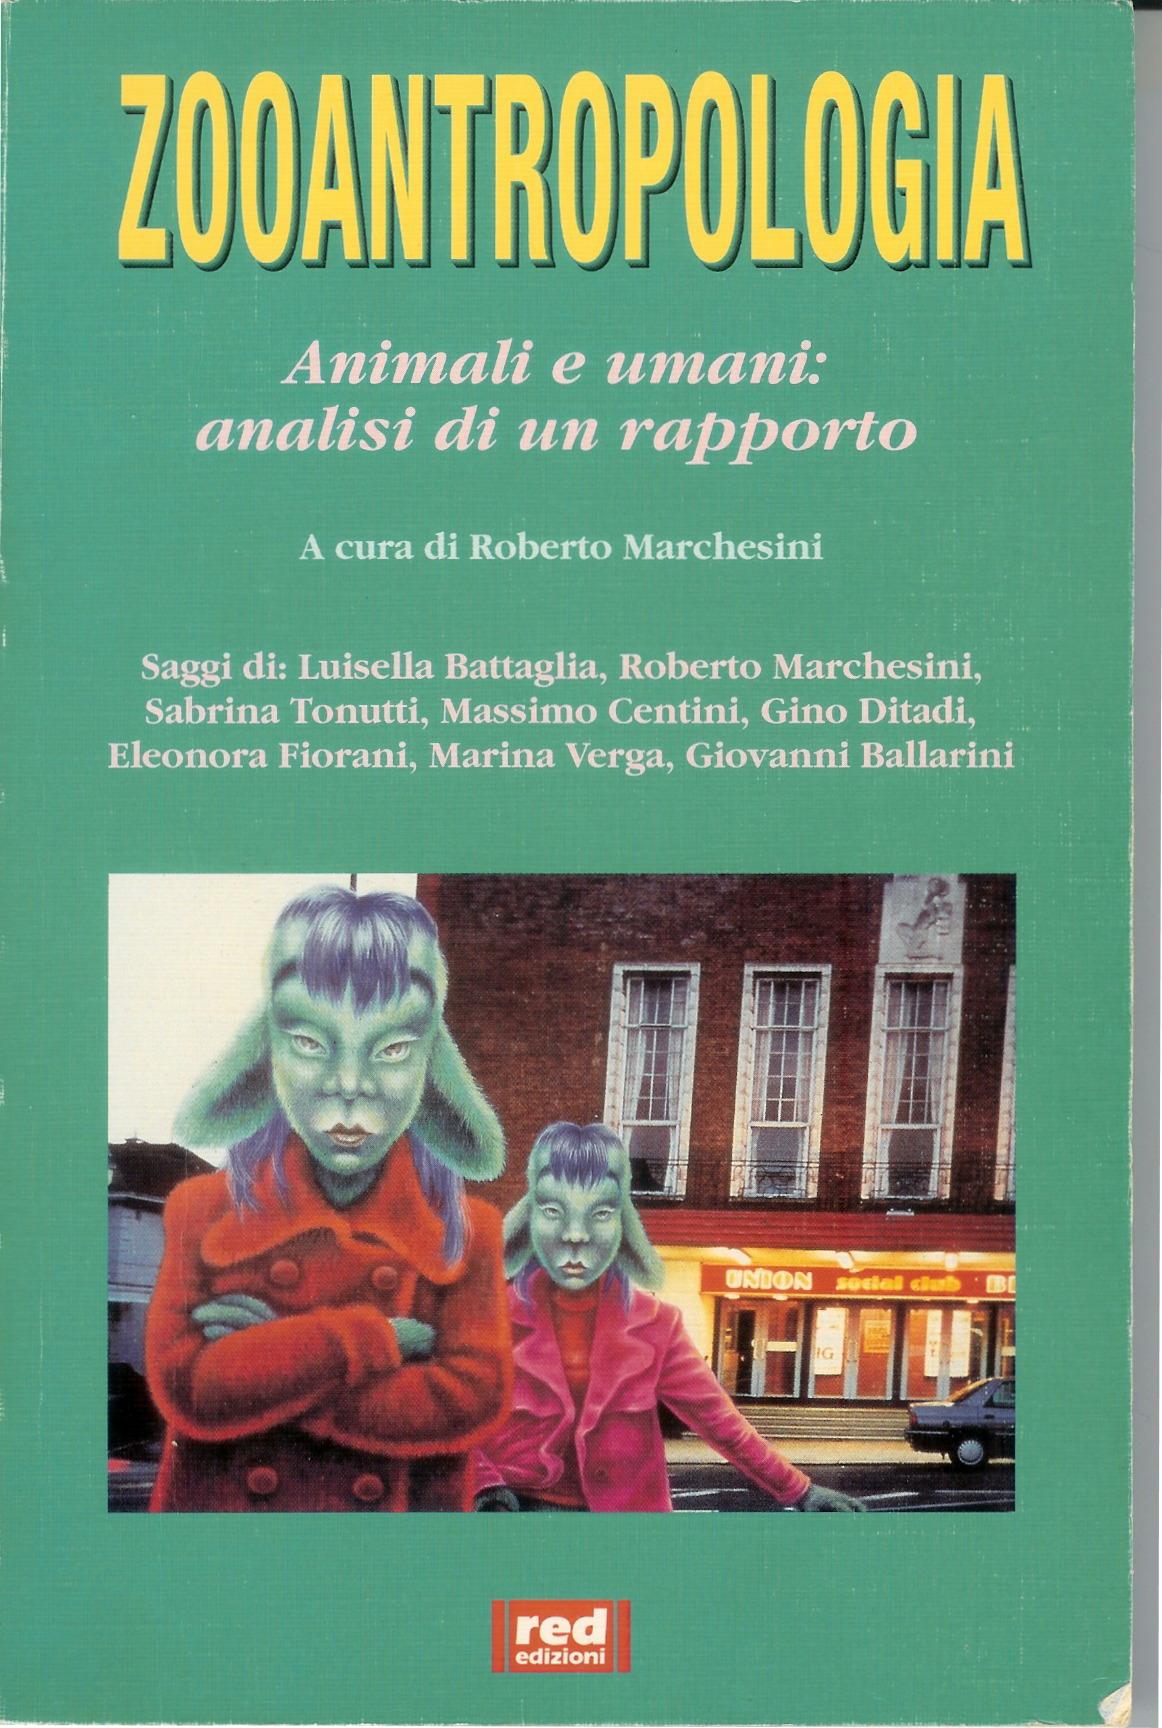 Zooantropologia